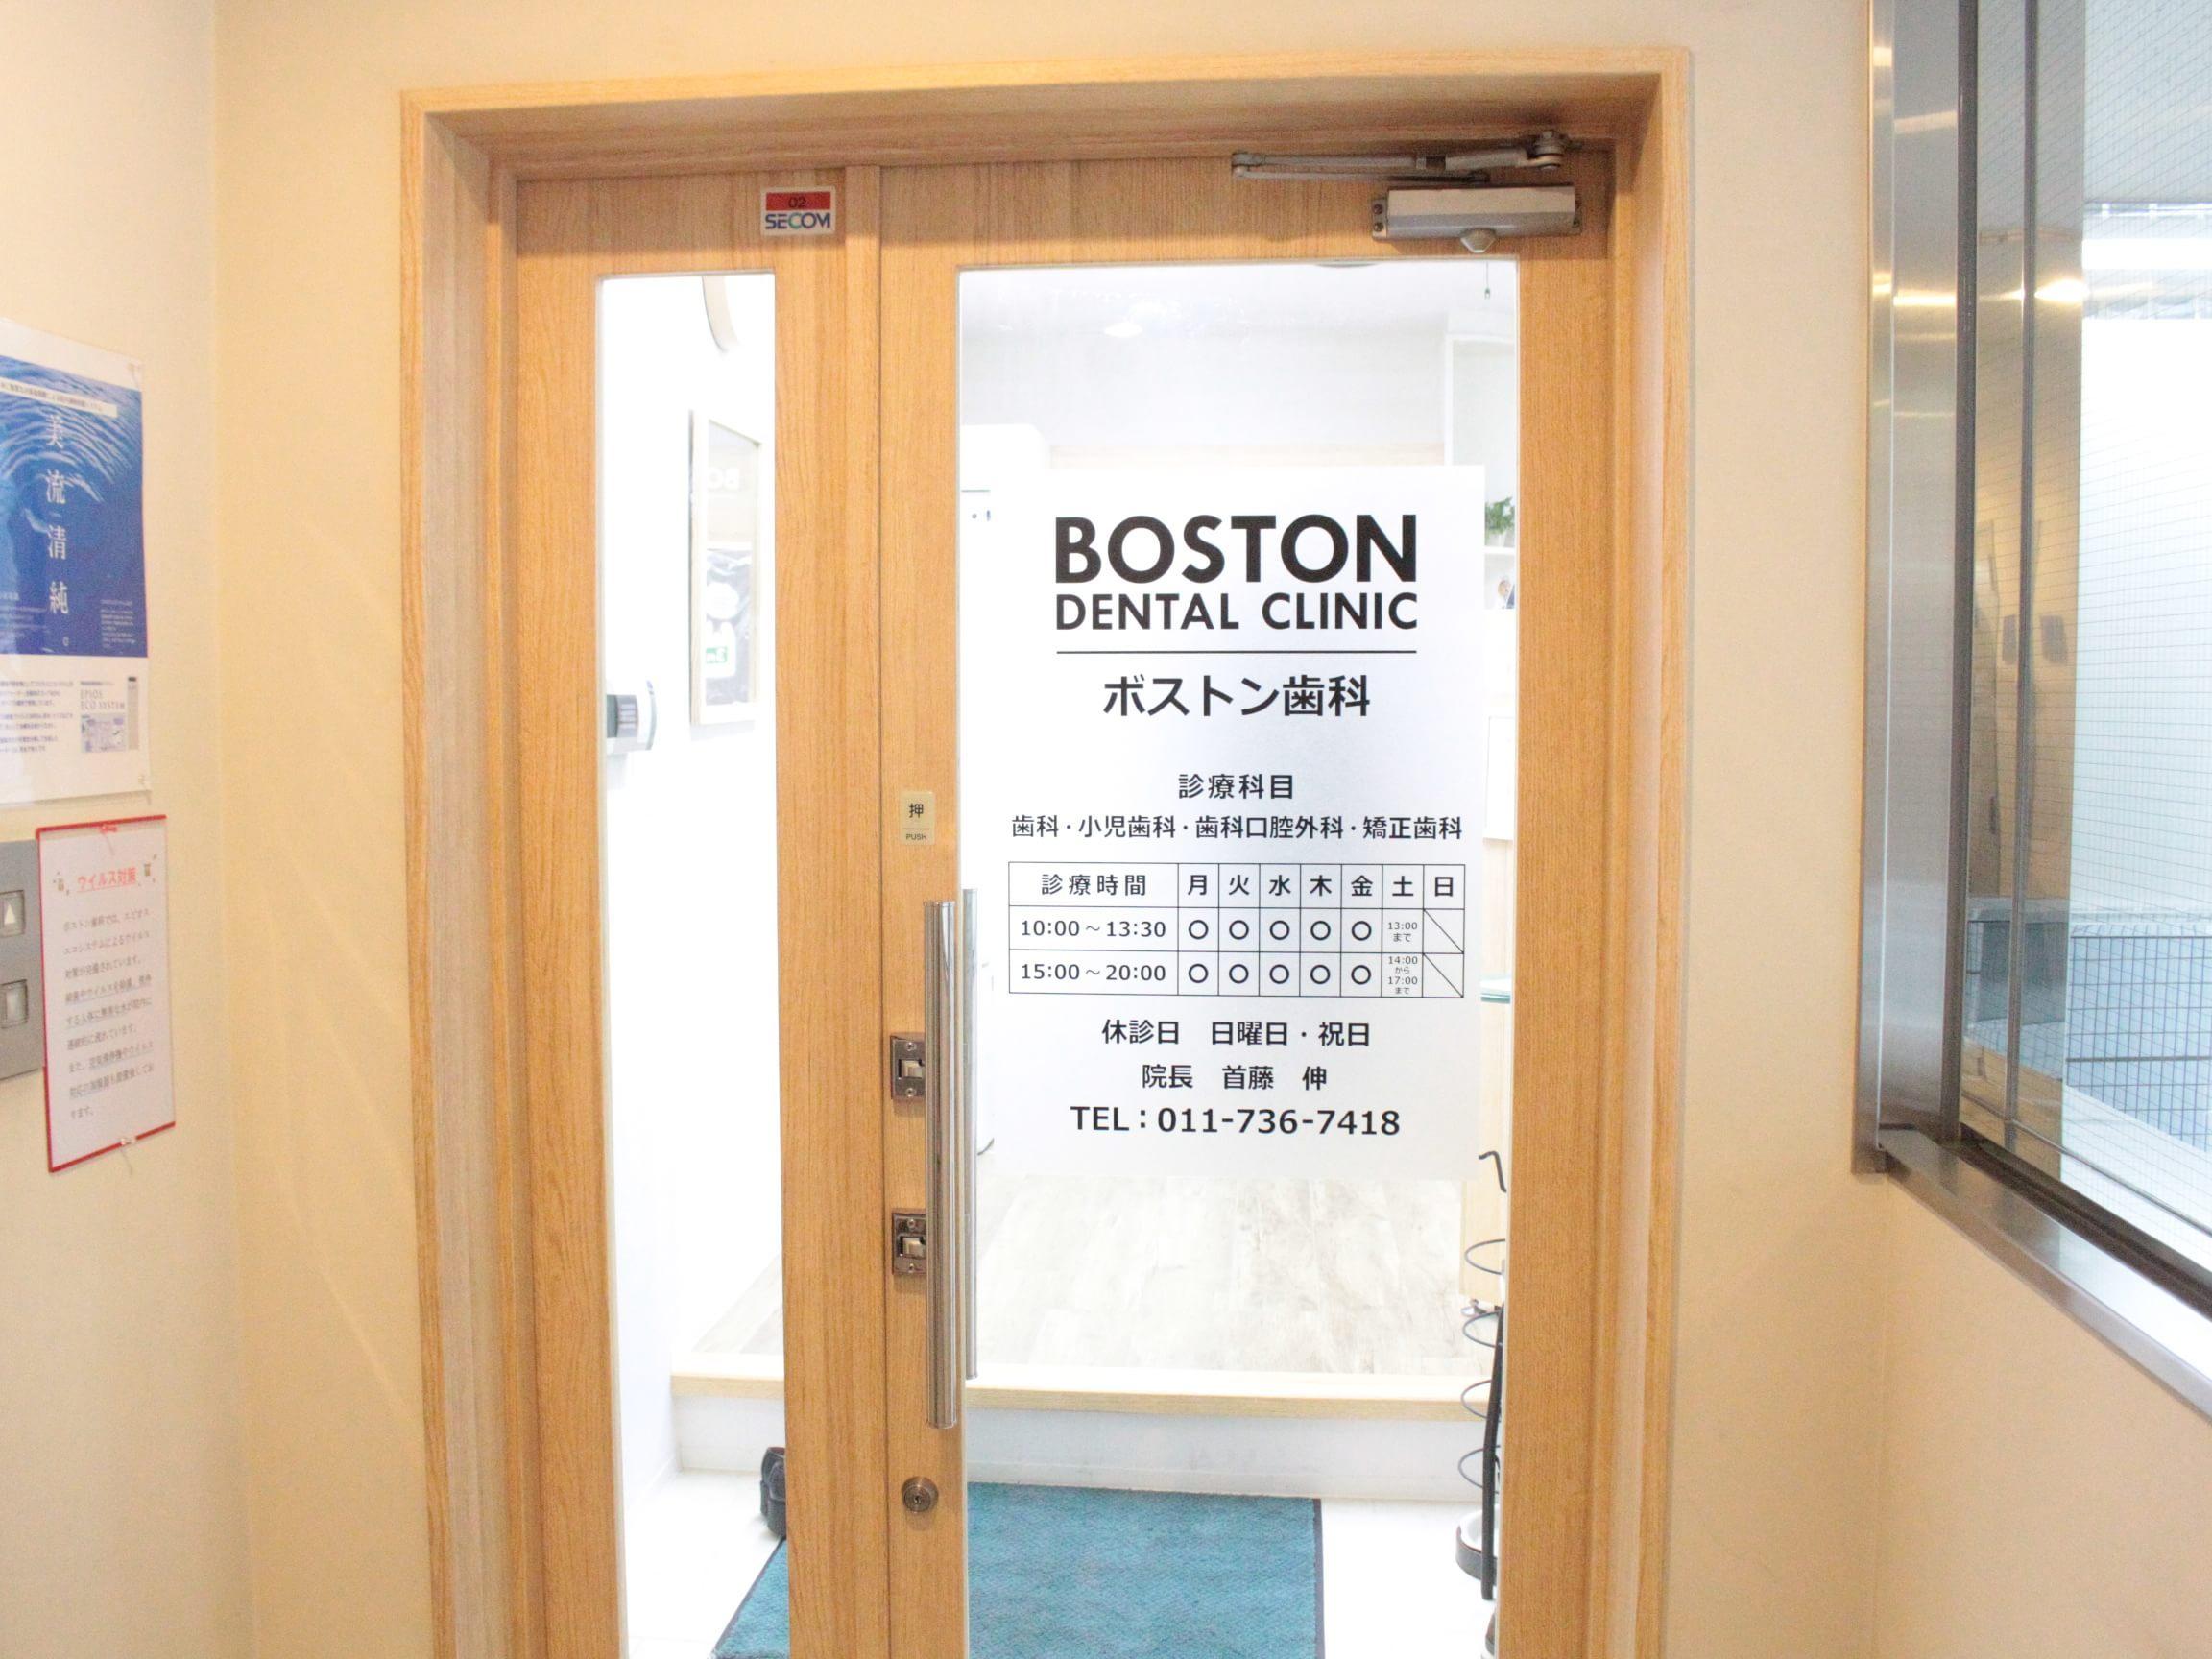 ボストン歯科6